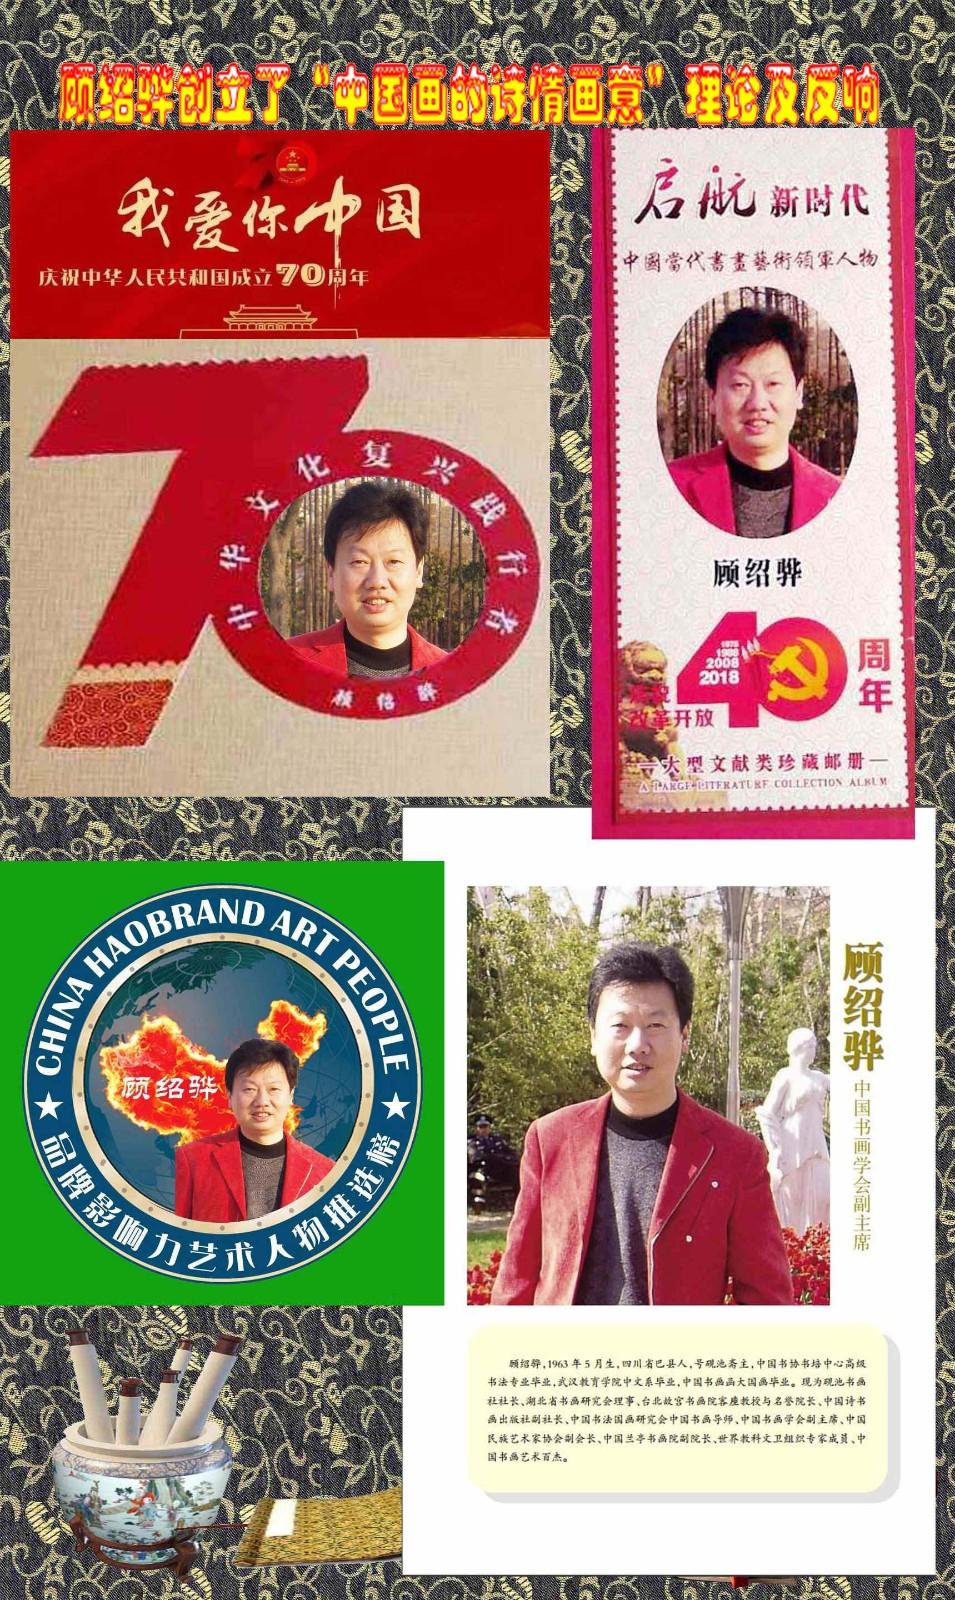 顾绍骅在中国画方面作出的一点贡献_图1-1